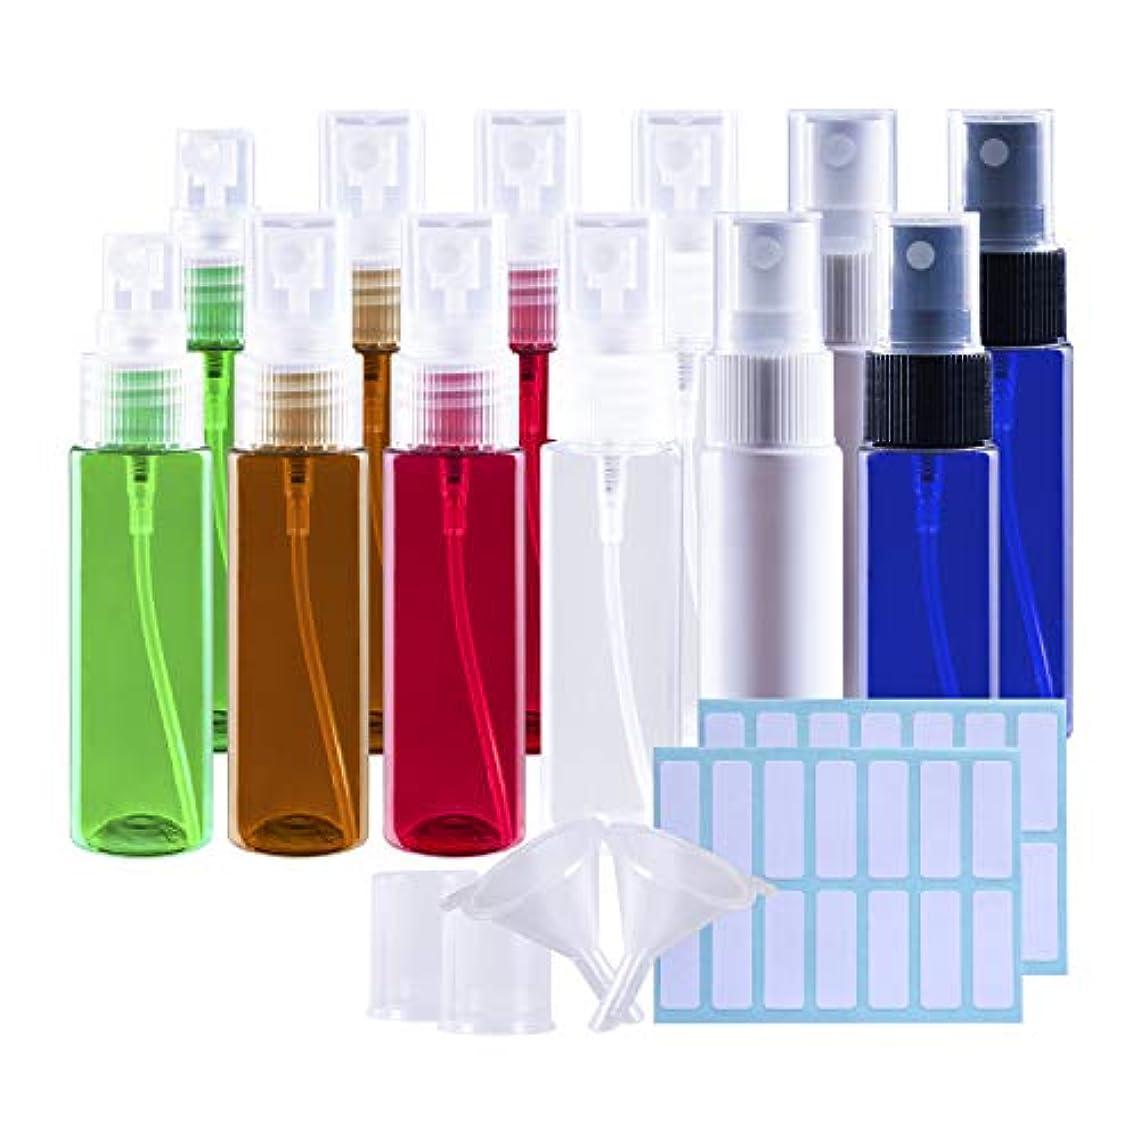 ほとんどの場合プロフェッショナルくしゃくしゃスプレーボトル 遮光瓶 12本セット 30ML 詰替ボトル 空容器 霧吹き アロマ虫除けスプレー ラベルシール ミニ漏斗付き(6色)